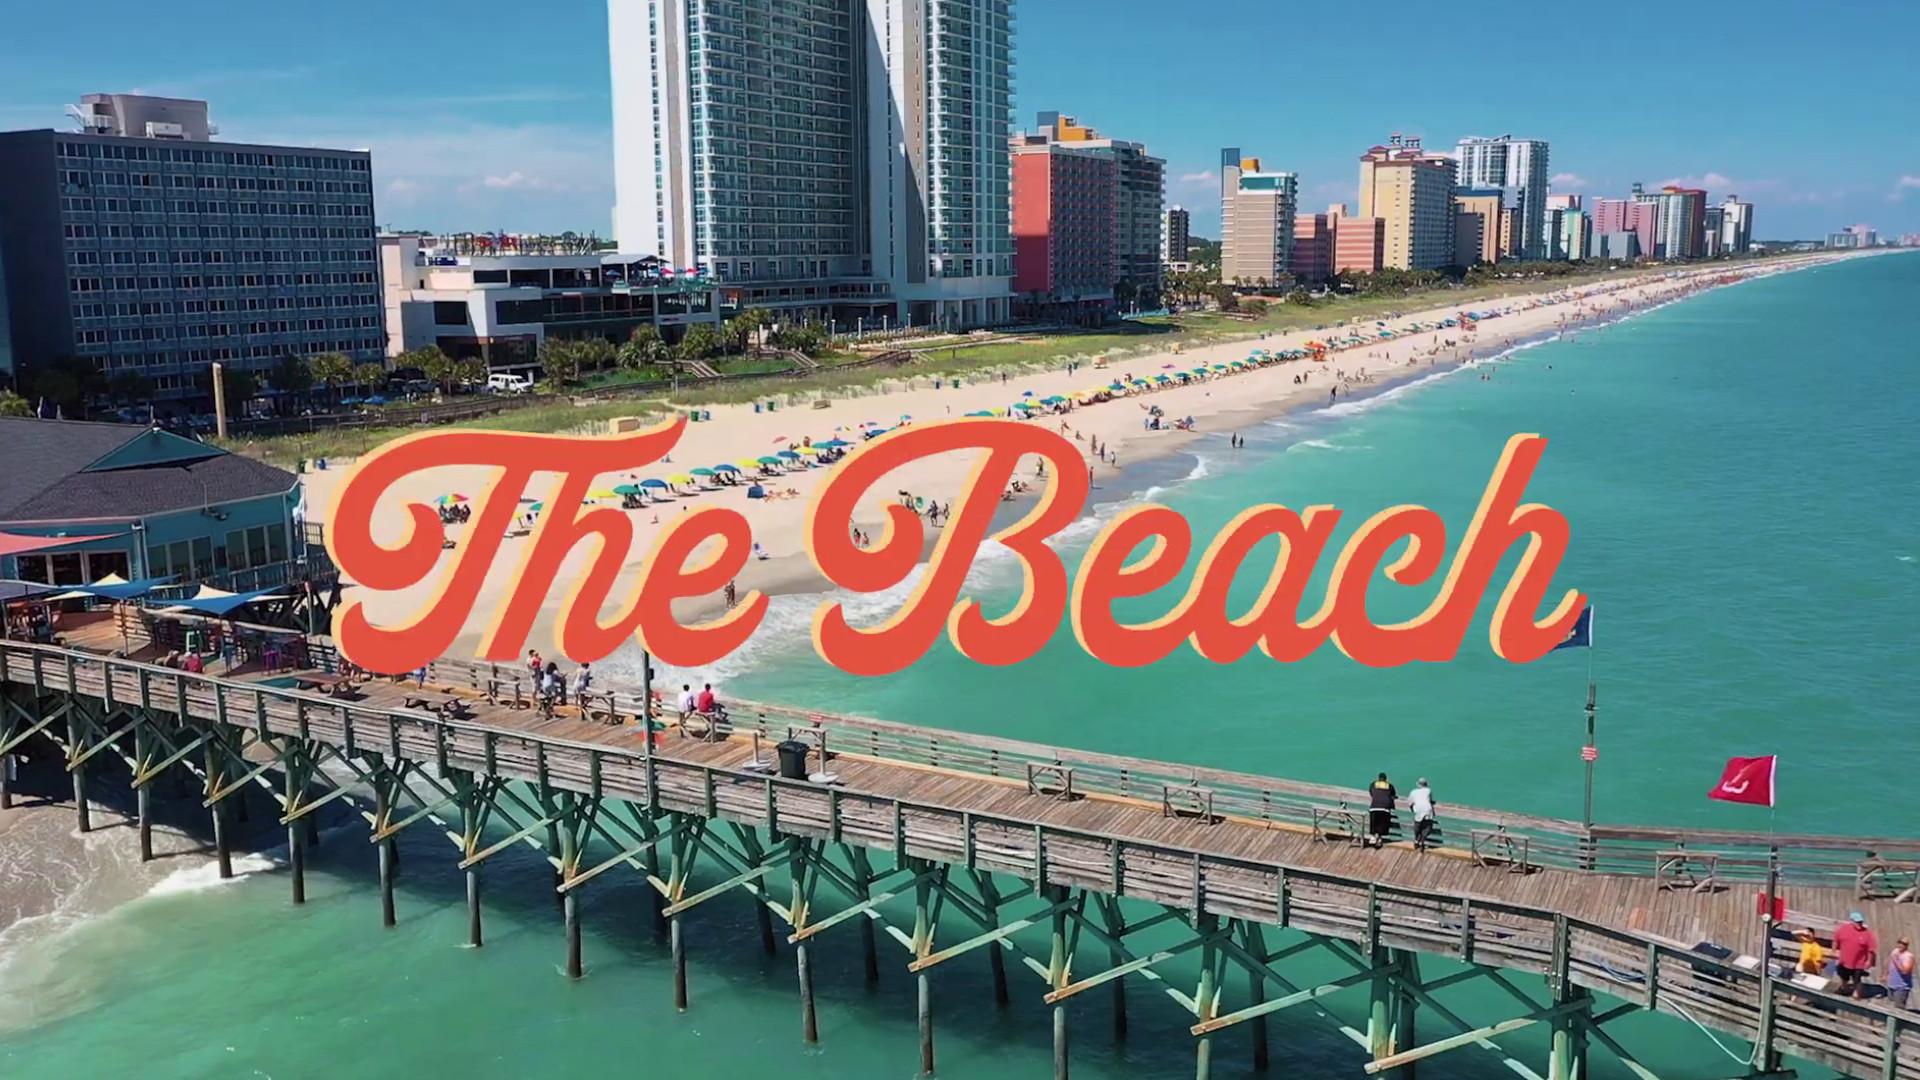 The Beach, Visit Myrtle Beach Brand Refresh